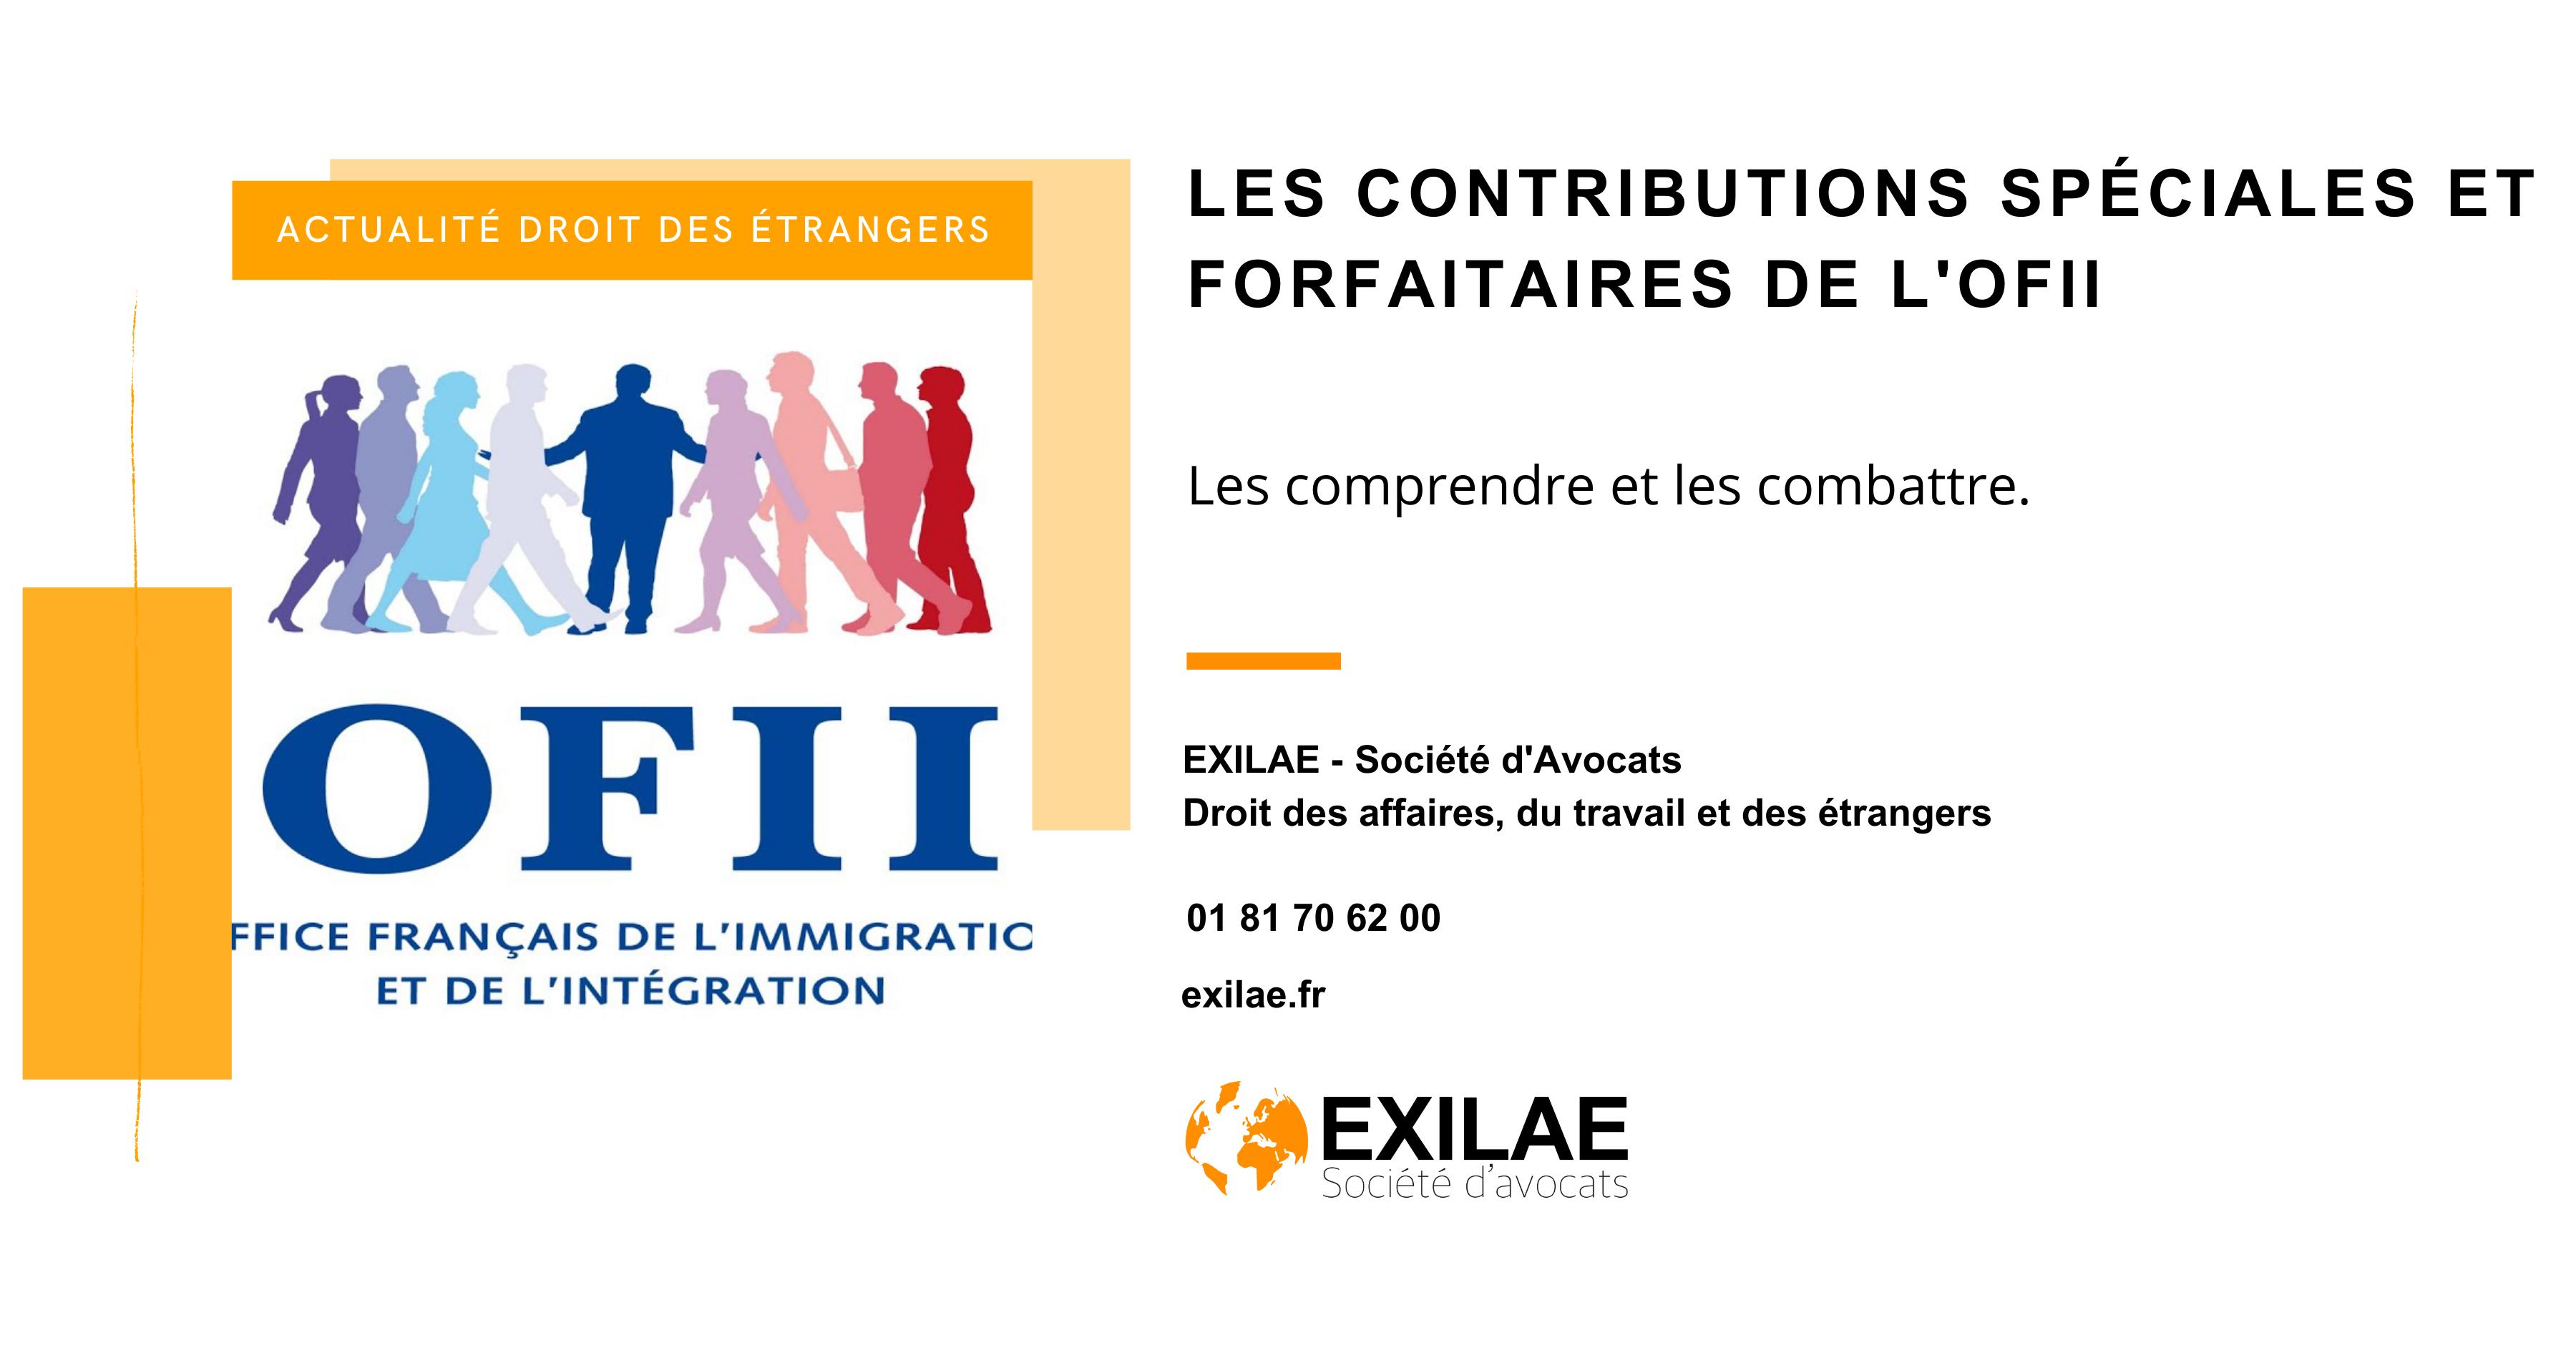 L'article à lire pour comprendre et combattre les contributions spéciales et forfaitaires de l'OFII en cas d'embauche d'un salarié sans papier.